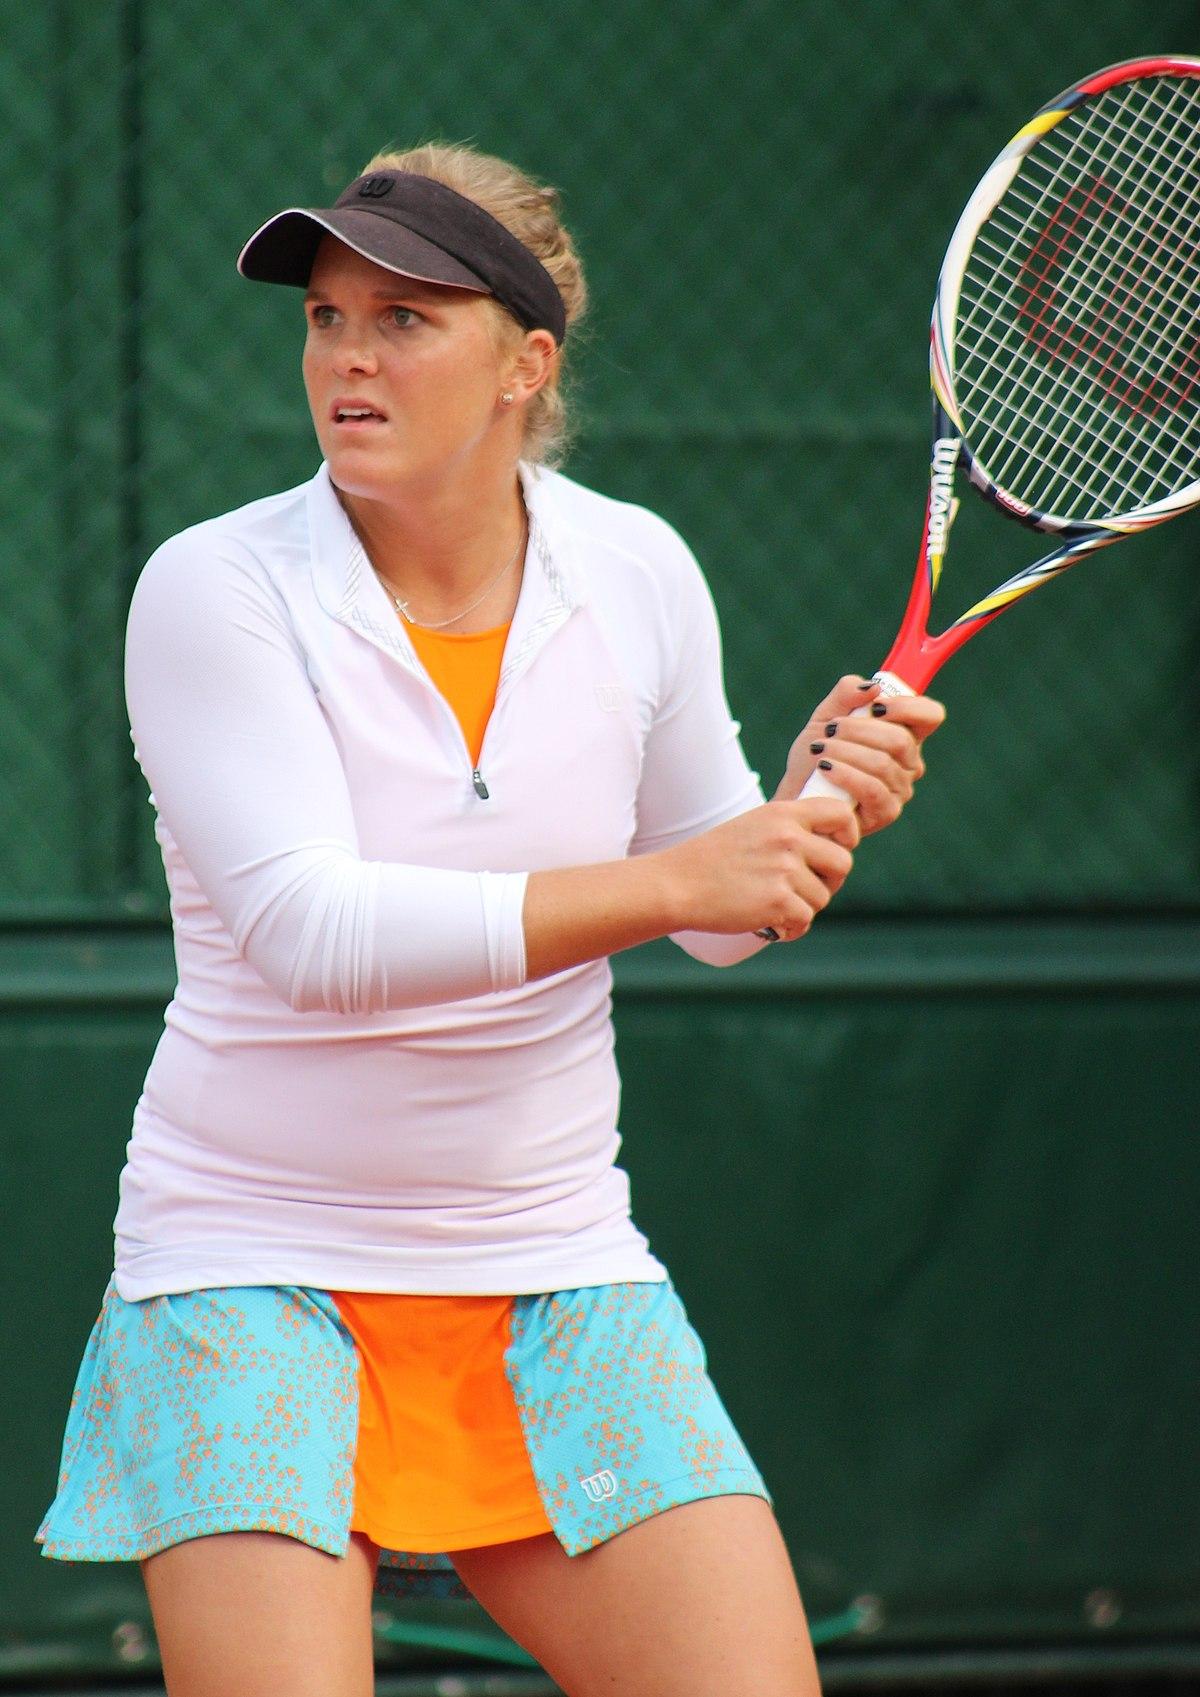 Травяной теннисист (хардовый, грунтовый)